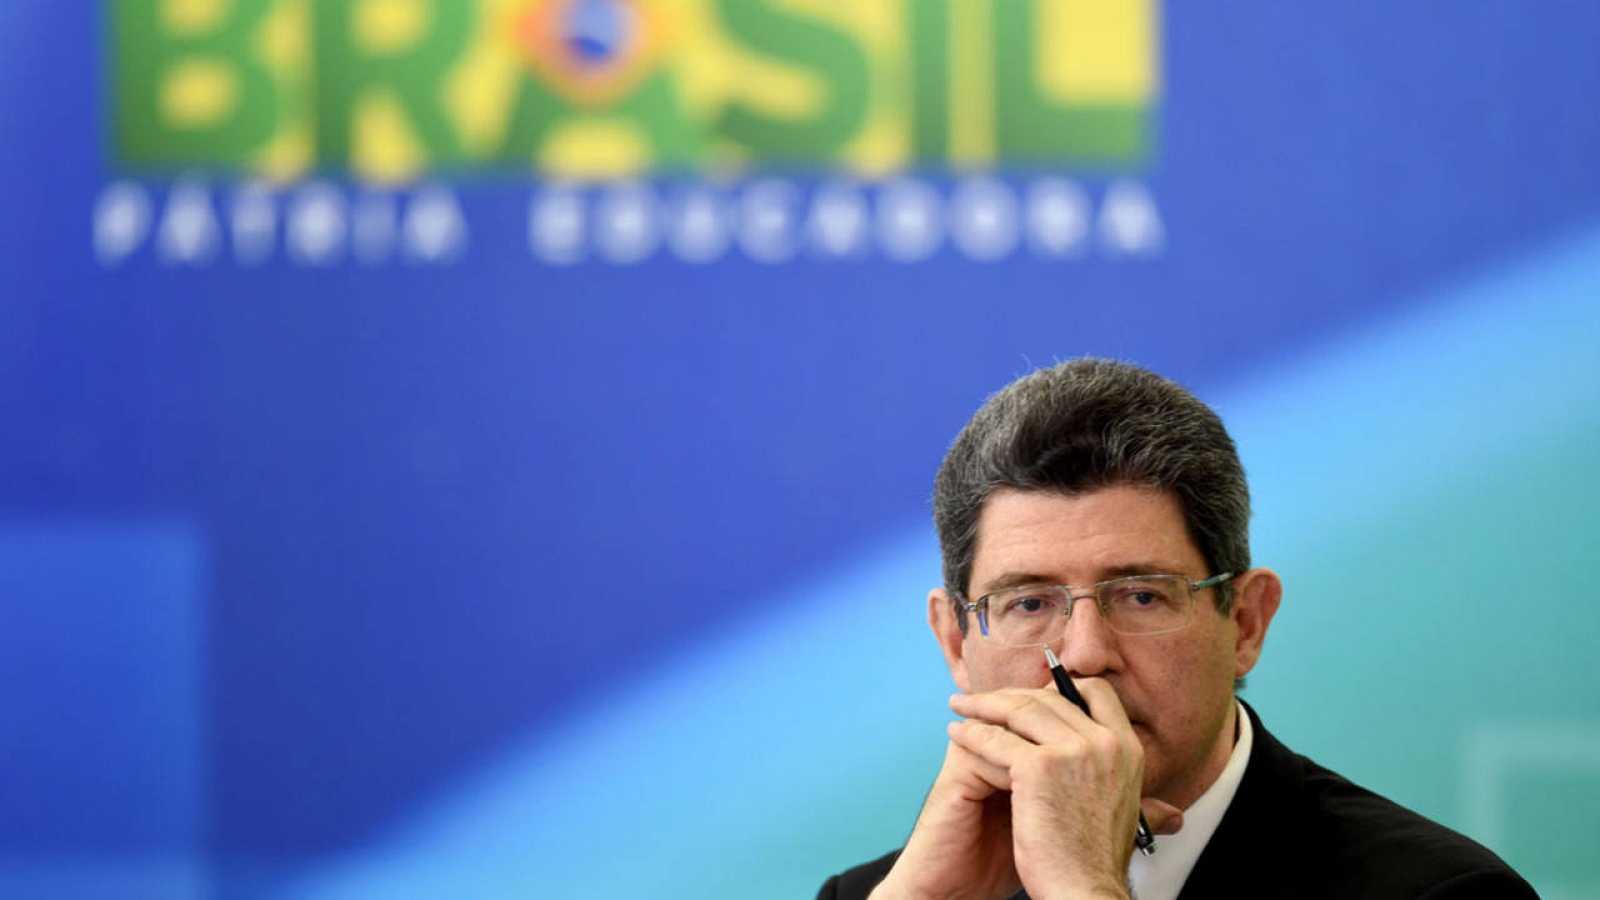 El ministro de Hacienda de Brasil, Joaquim Levy, durante la rueda de prensa en la que ha explicado el plan de austeridad